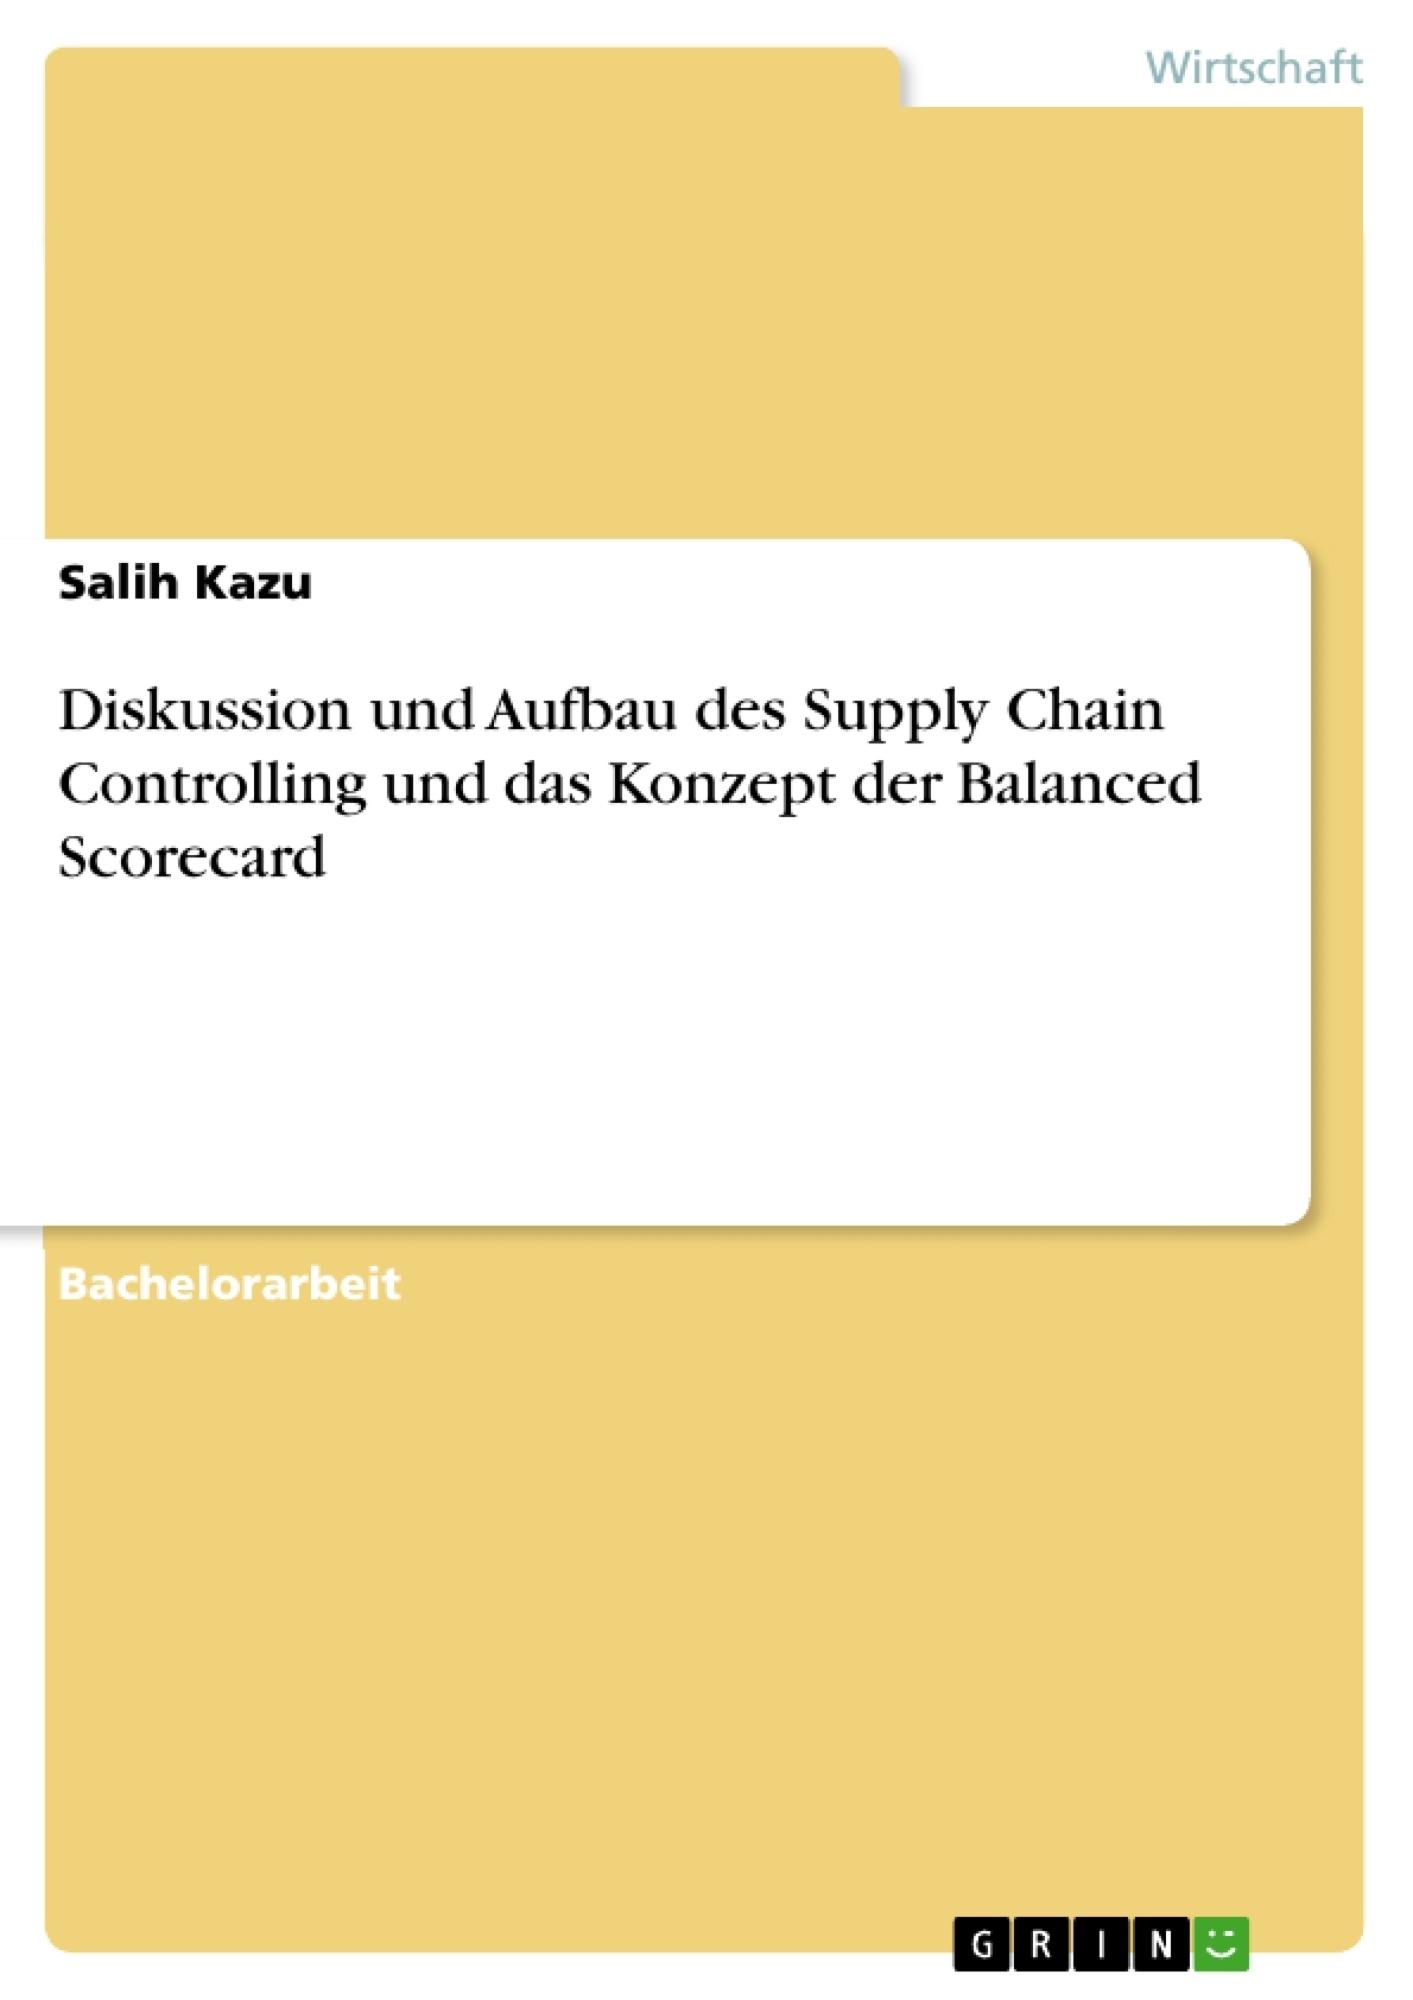 Titel: Diskussion und Aufbau des Supply Chain Controlling und das Konzept der Balanced Scorecard